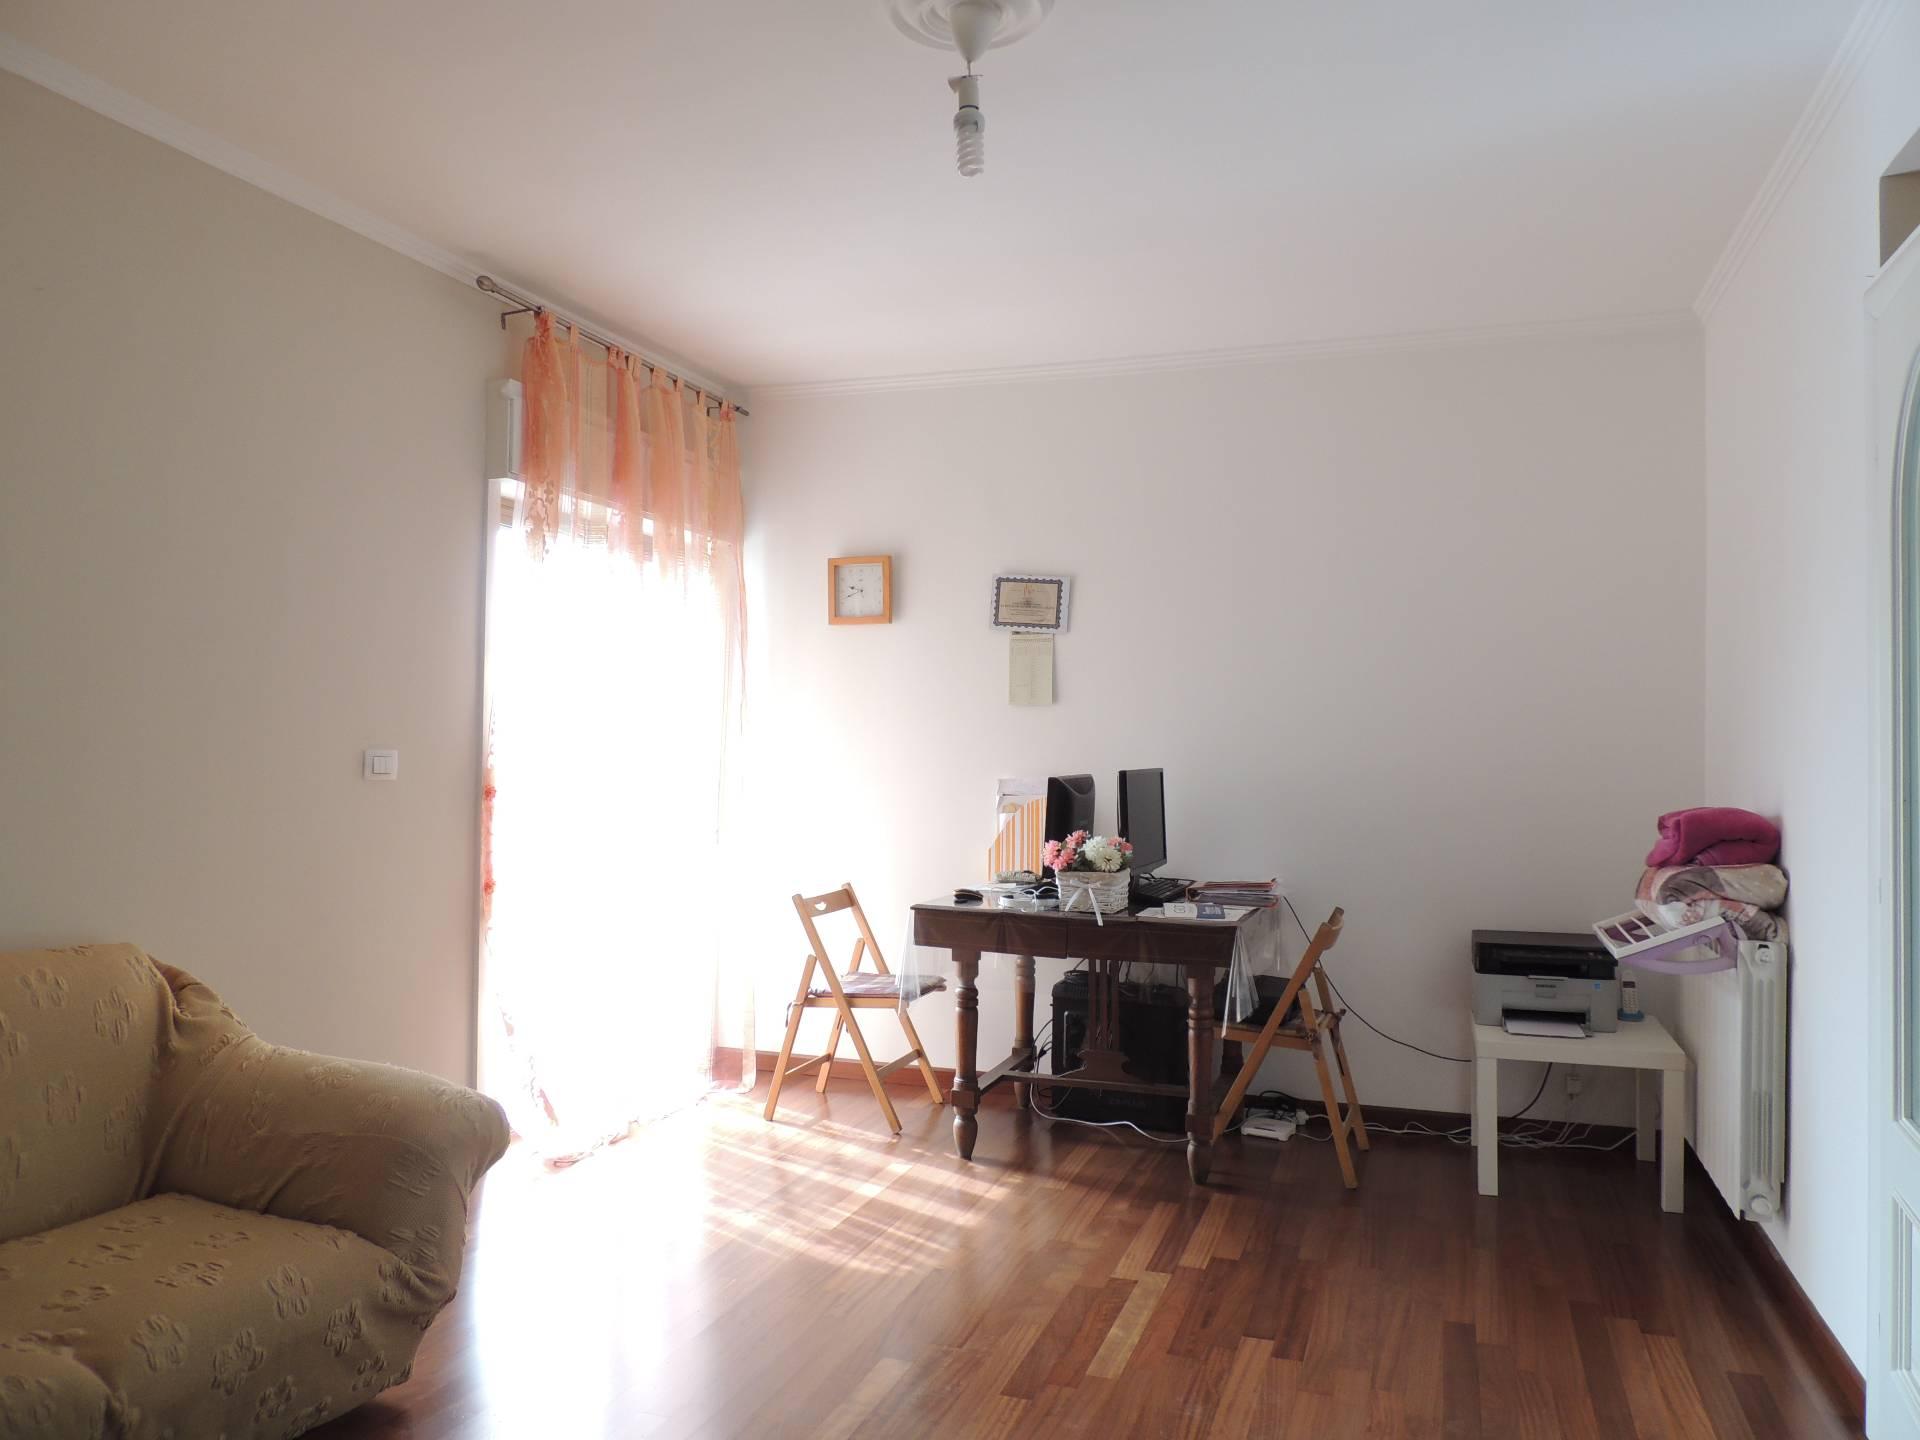 Appartamento in vendita a Gravina di Catania, 2 locali, zona Località: Centro, prezzo € 89.000 | CambioCasa.it